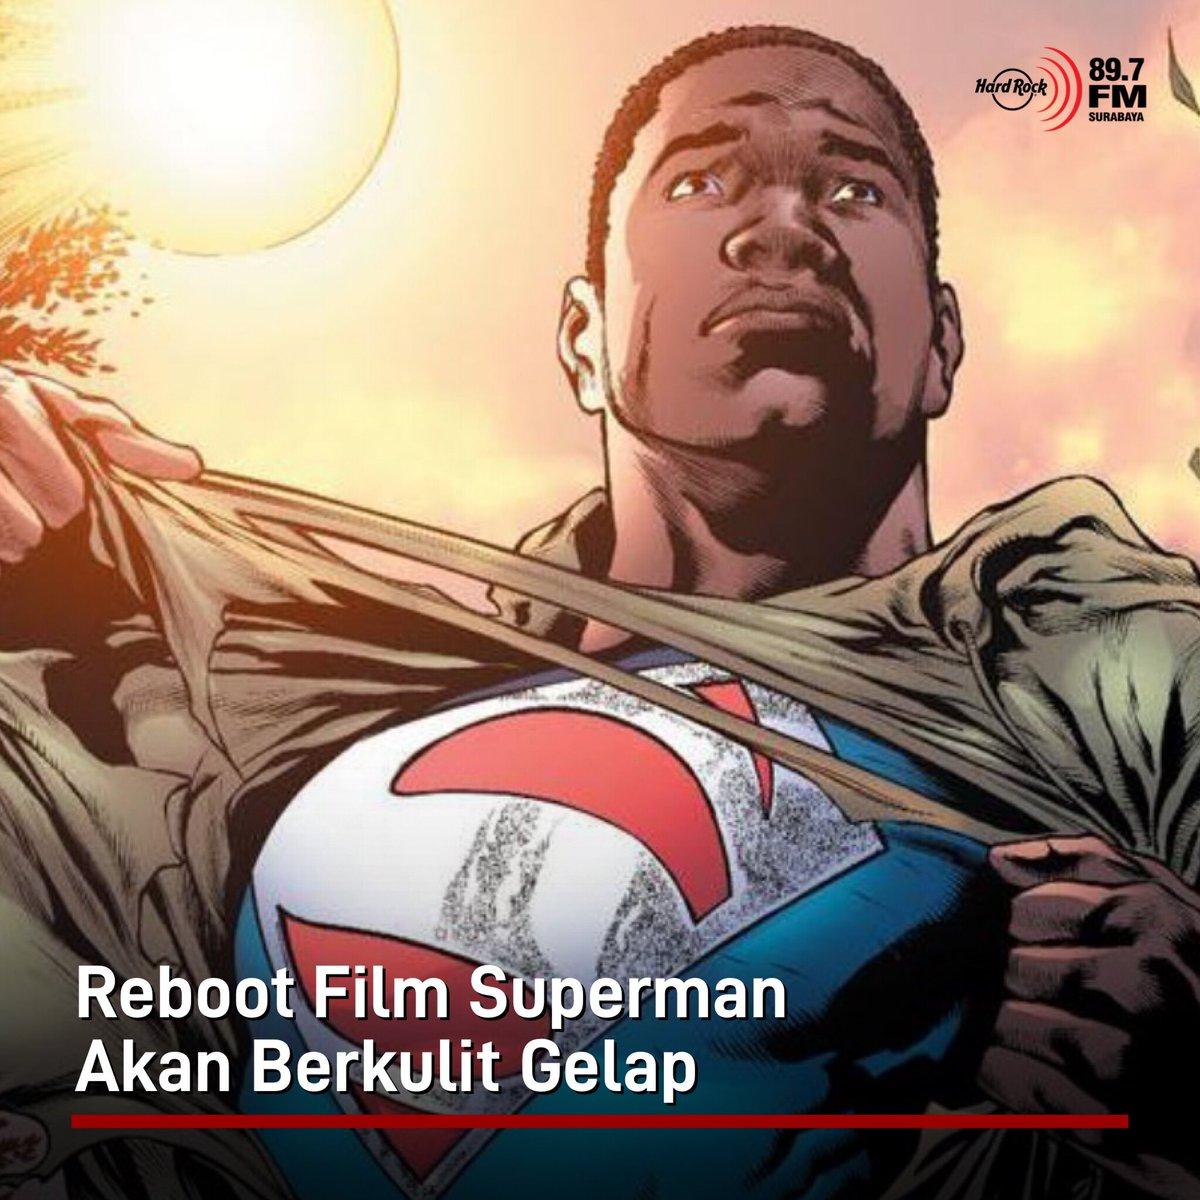 #HRFMNews Warner Bros dan DC Films kabarnya akan mengenalkan Superman berkulit gelap di film reboot terbaru.  J.J Abrams ditunjuk sbg sutradara dan Ta-Nehisi Coates sbg penulis naskahnya. Nama Michael B. Jordan dikabarkan jadi salah satu kandidat yang kuat.  Kira2 siapa yg cocok?